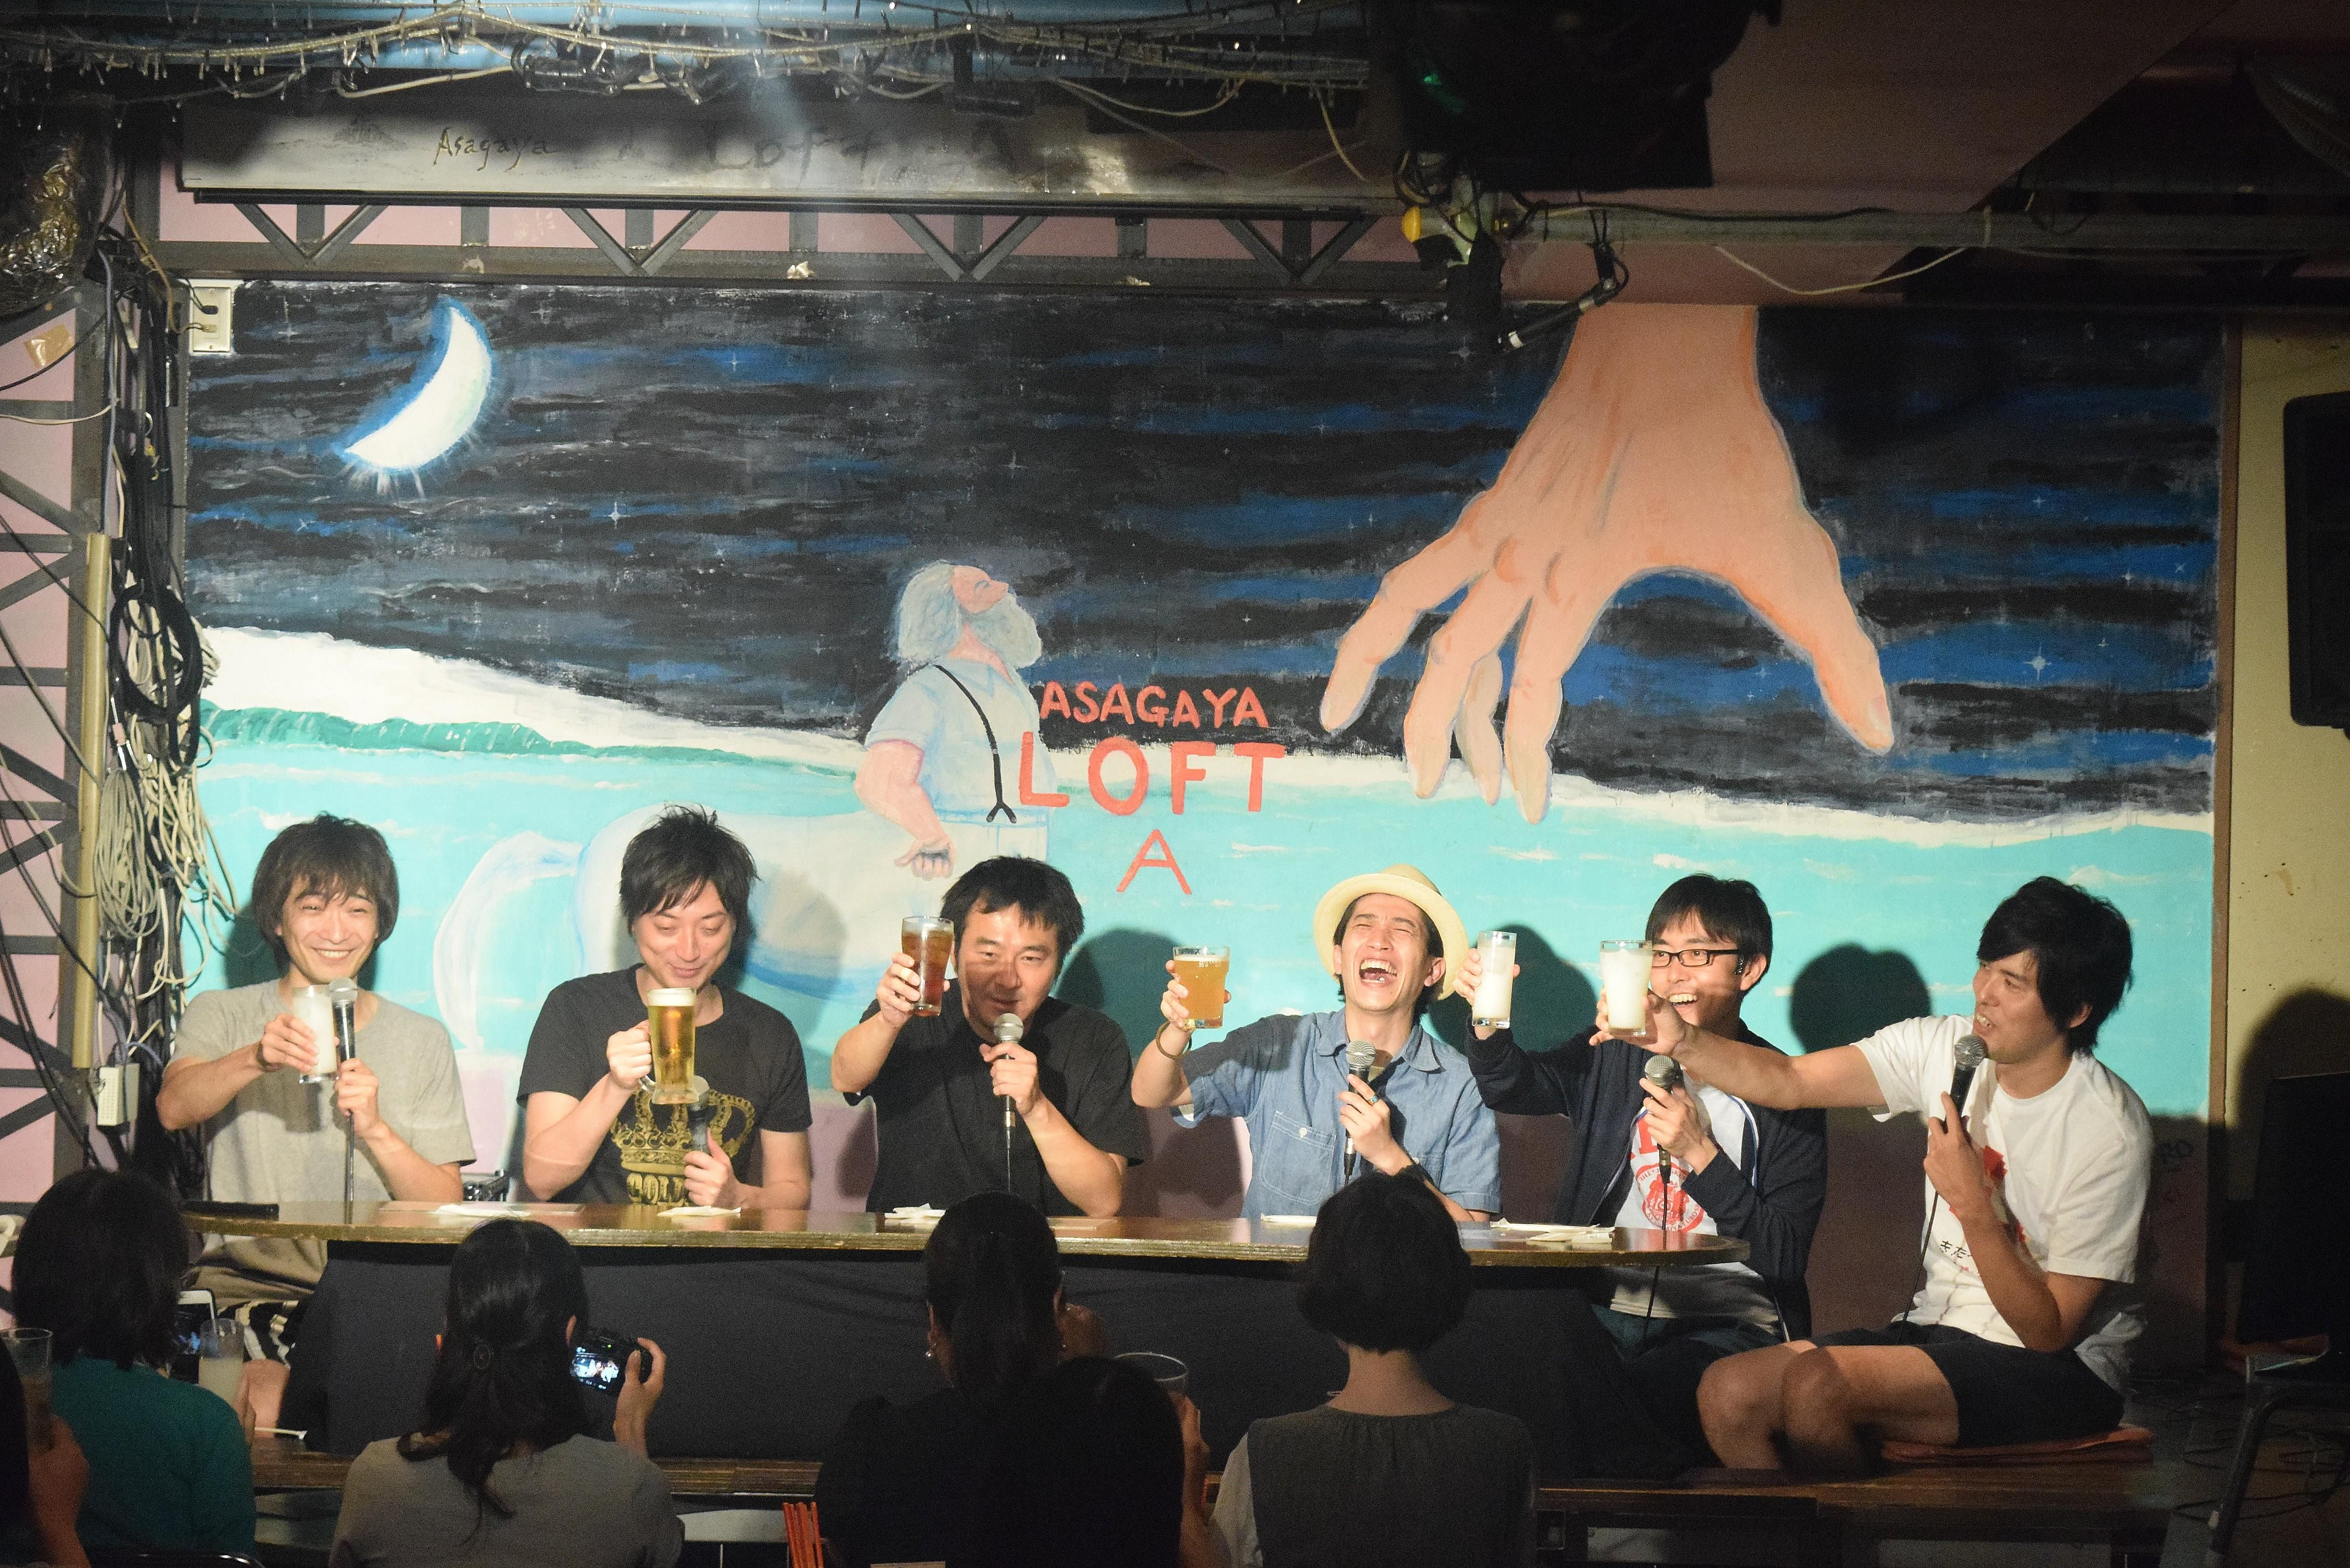 7月25日夜、東京都杉並区の阿佐ヶ谷ロフトAに、お笑いコンビとして活躍するザ・ギースの尾関高文と高佐一慈、ジ…